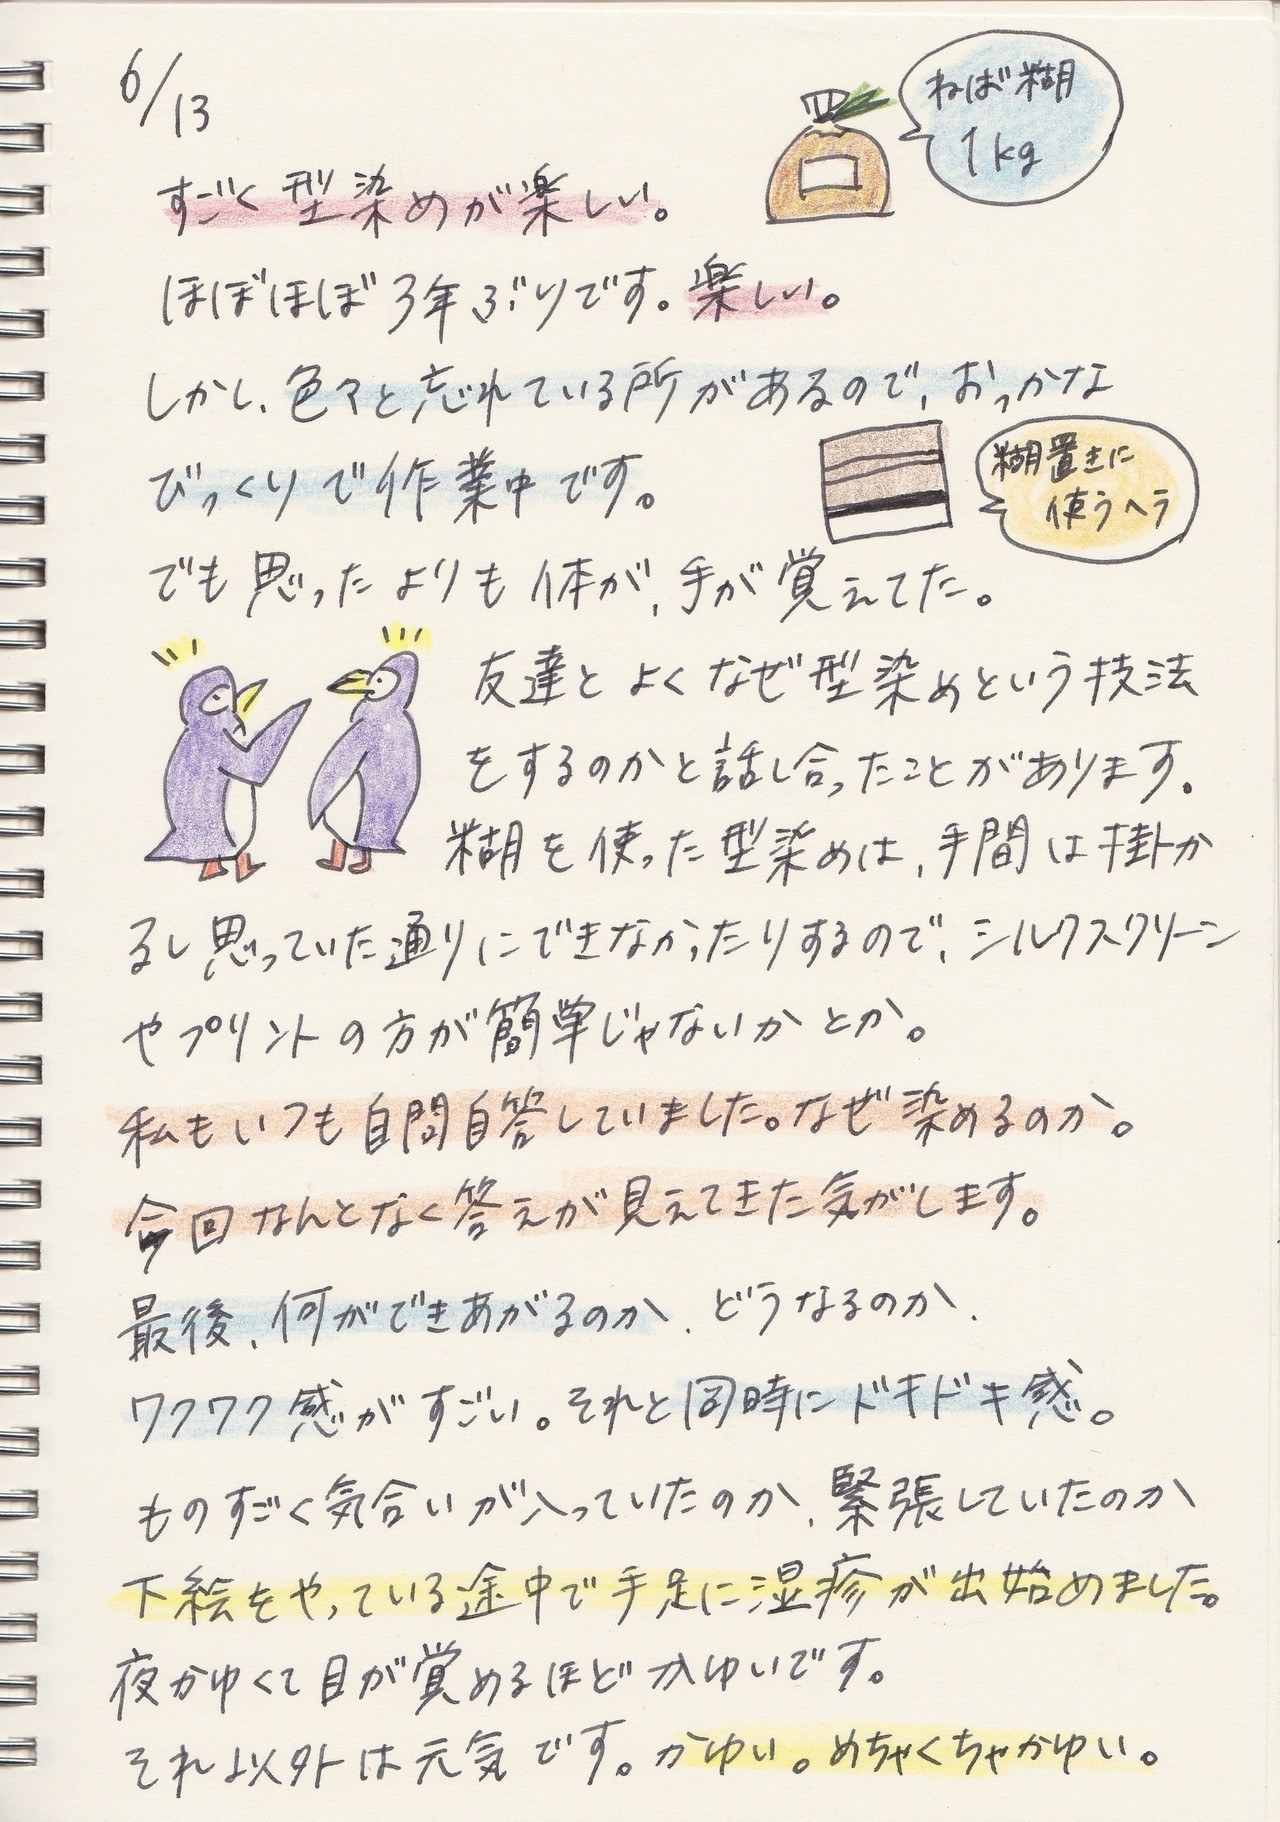 f:id:hikikoma:20160621091704j:plain